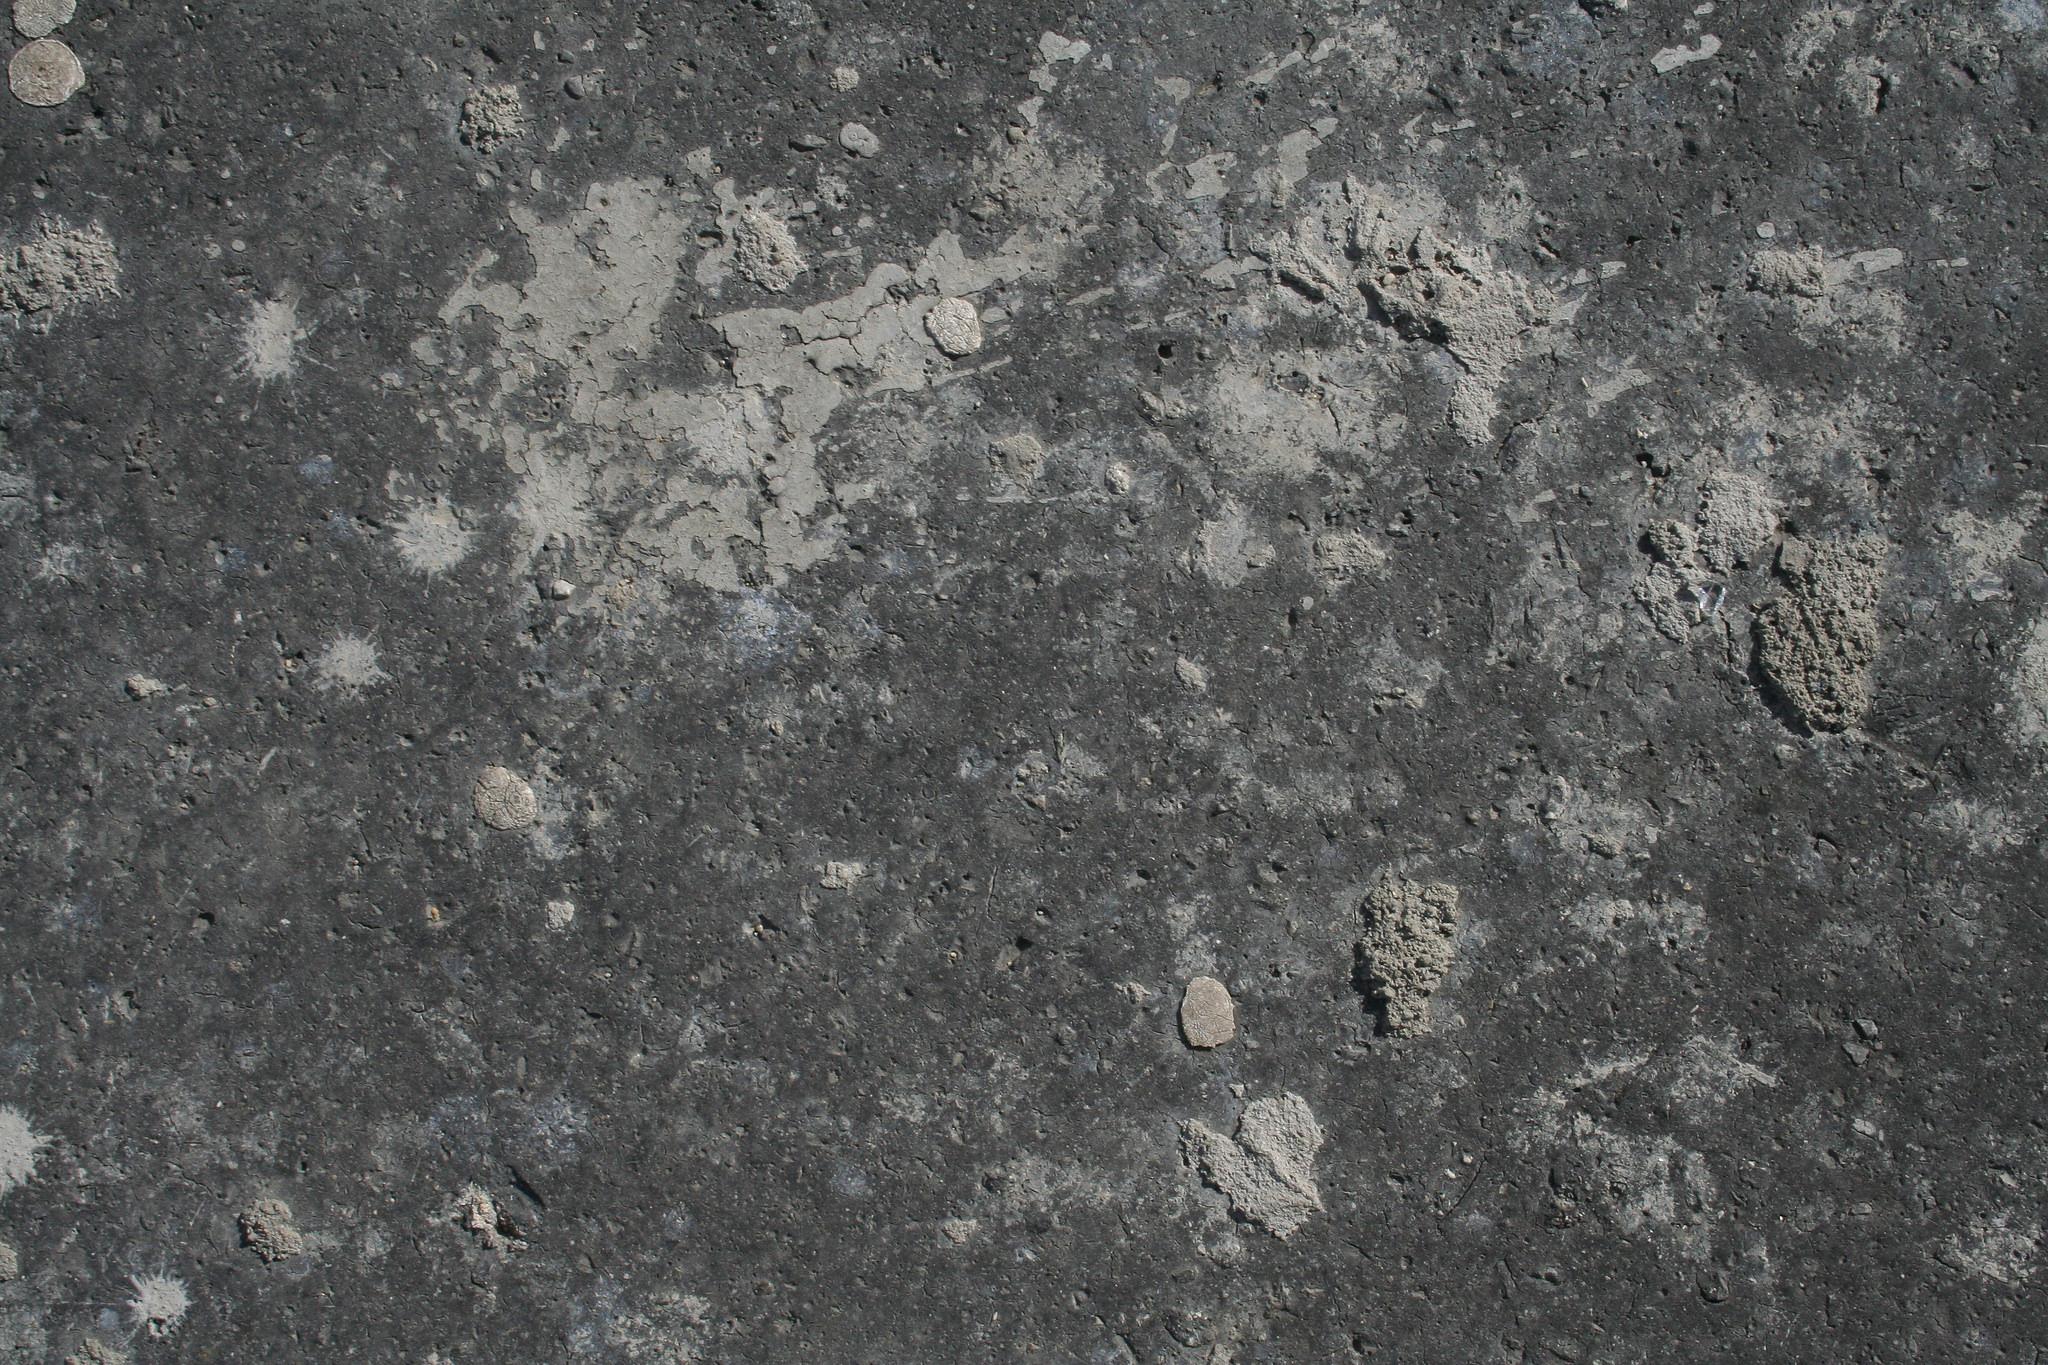 Grunge rock texture photo